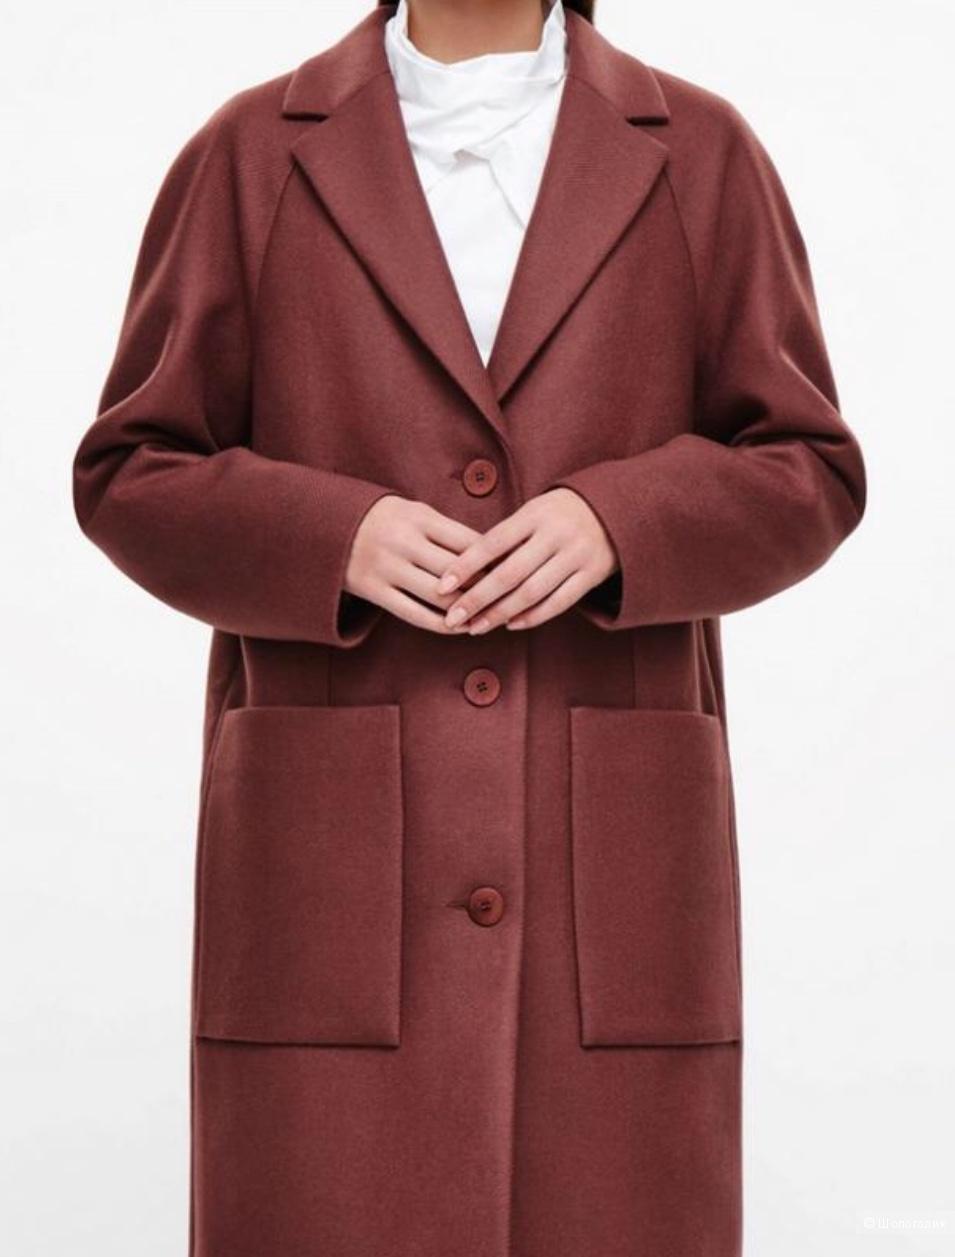 Пальто Cos. Размер: 36